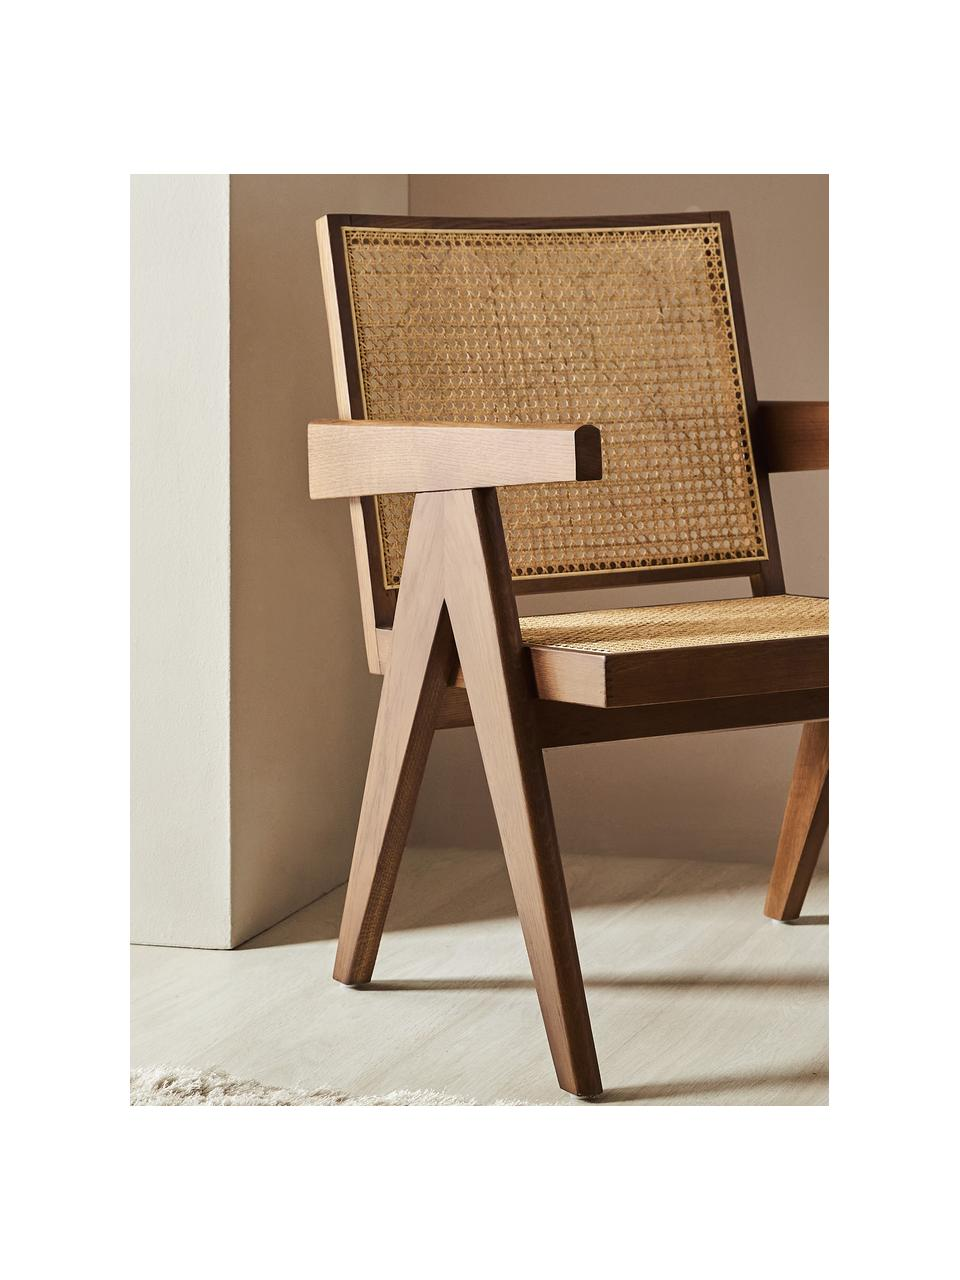 Krzesło z podłokietnikami z plecionką wiedeńską Sissi, Stelaż: lite drewno dębowe, Drewno dębowe, S 52 x G 58 cm